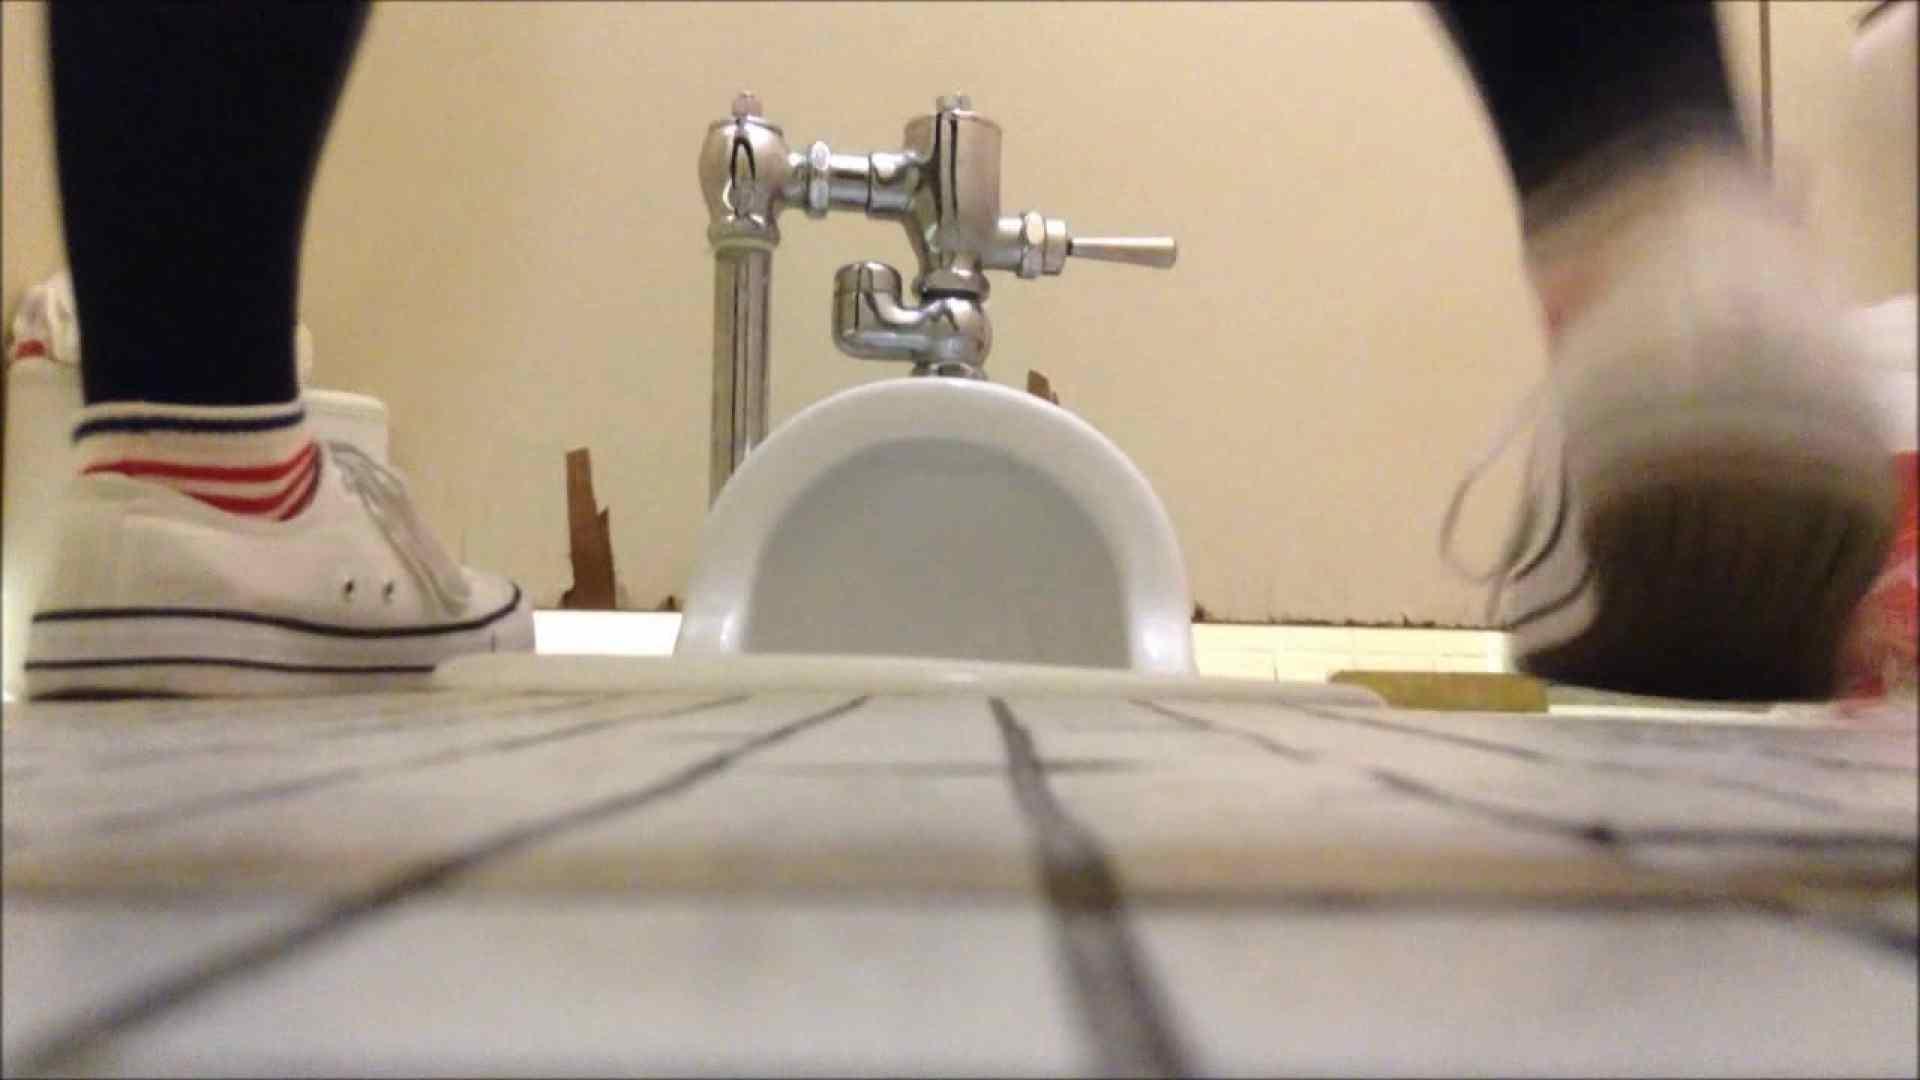 某有名大学女性洗面所 vol.01 和式便所 オマンコ動画キャプチャ 107枚 107